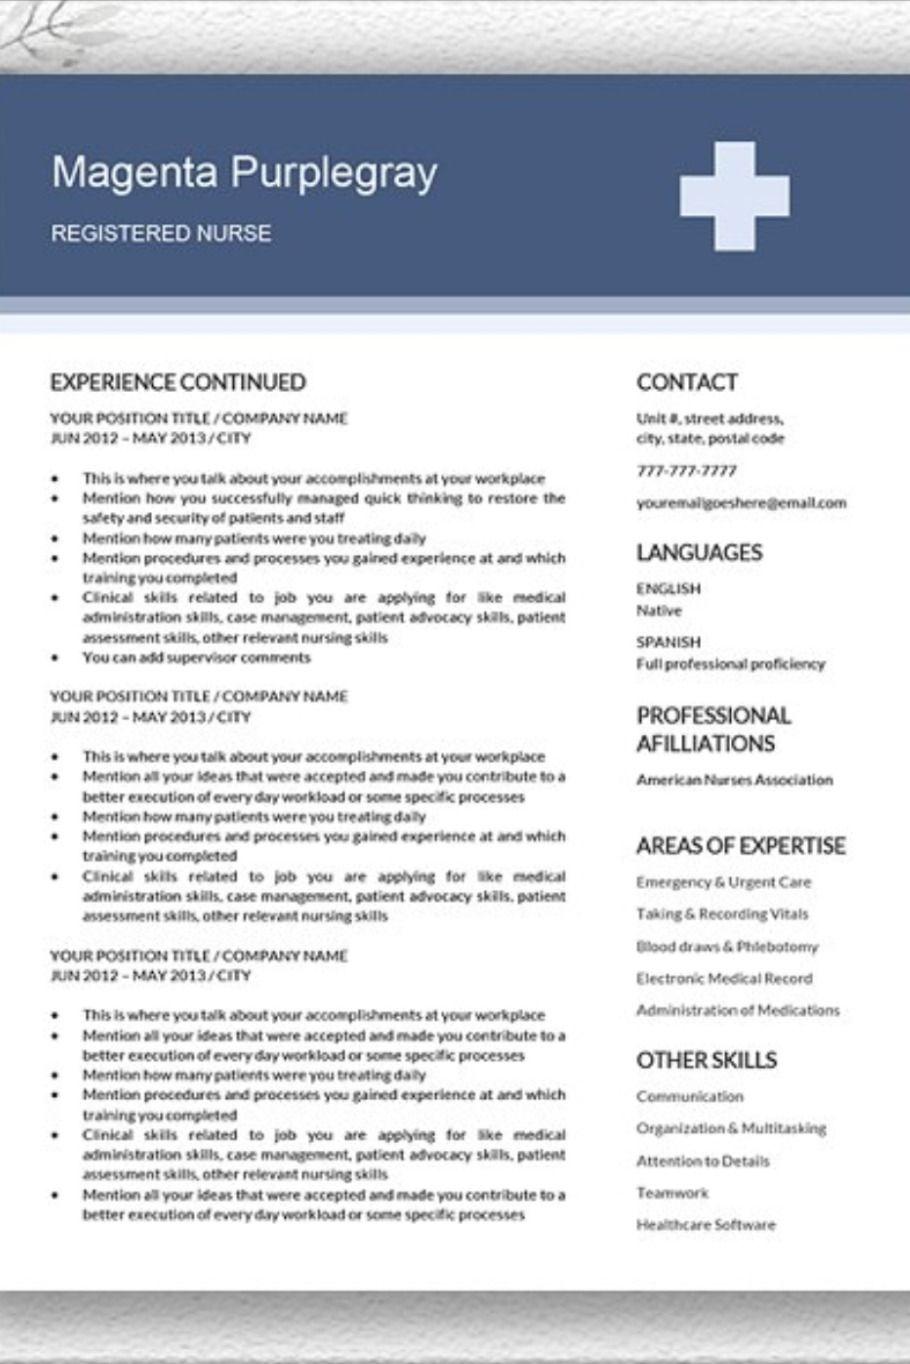 CV Resume Medical Edition in 2020 Nursing resume